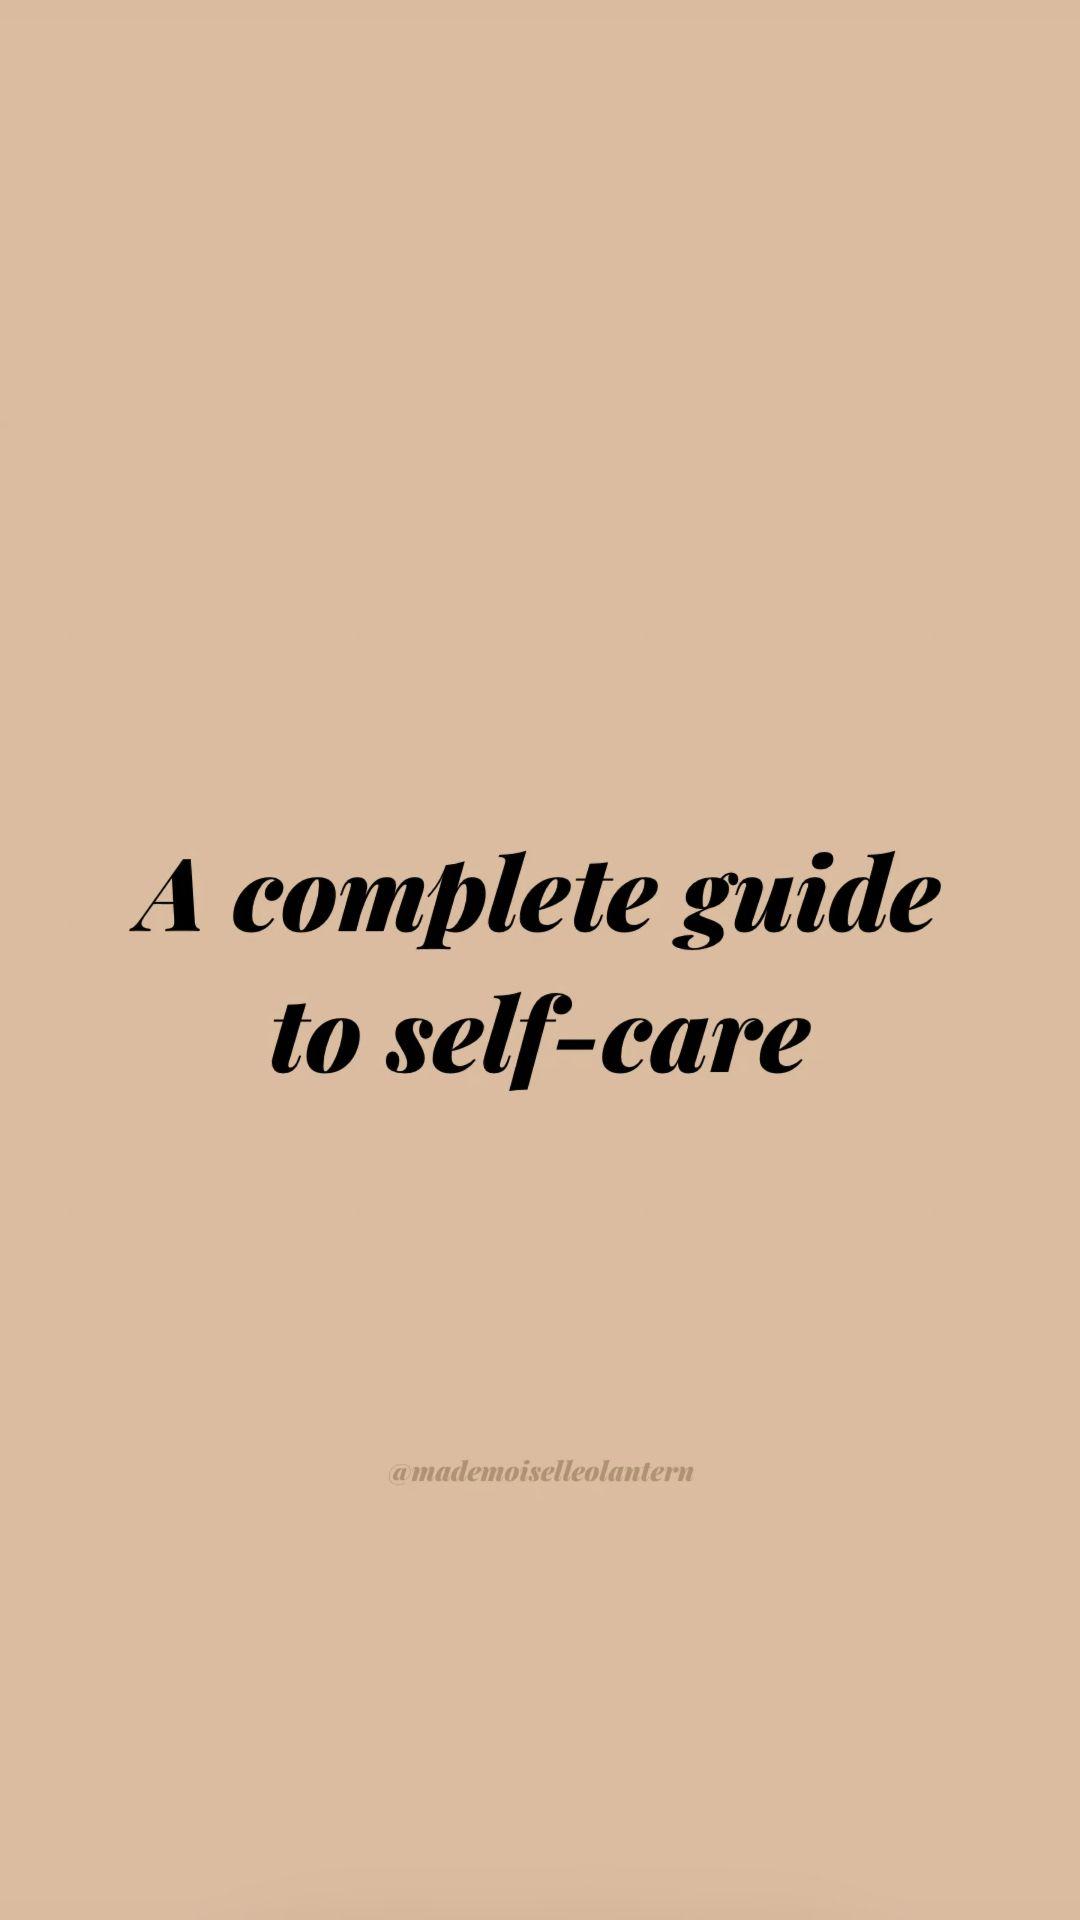 Self-care guide